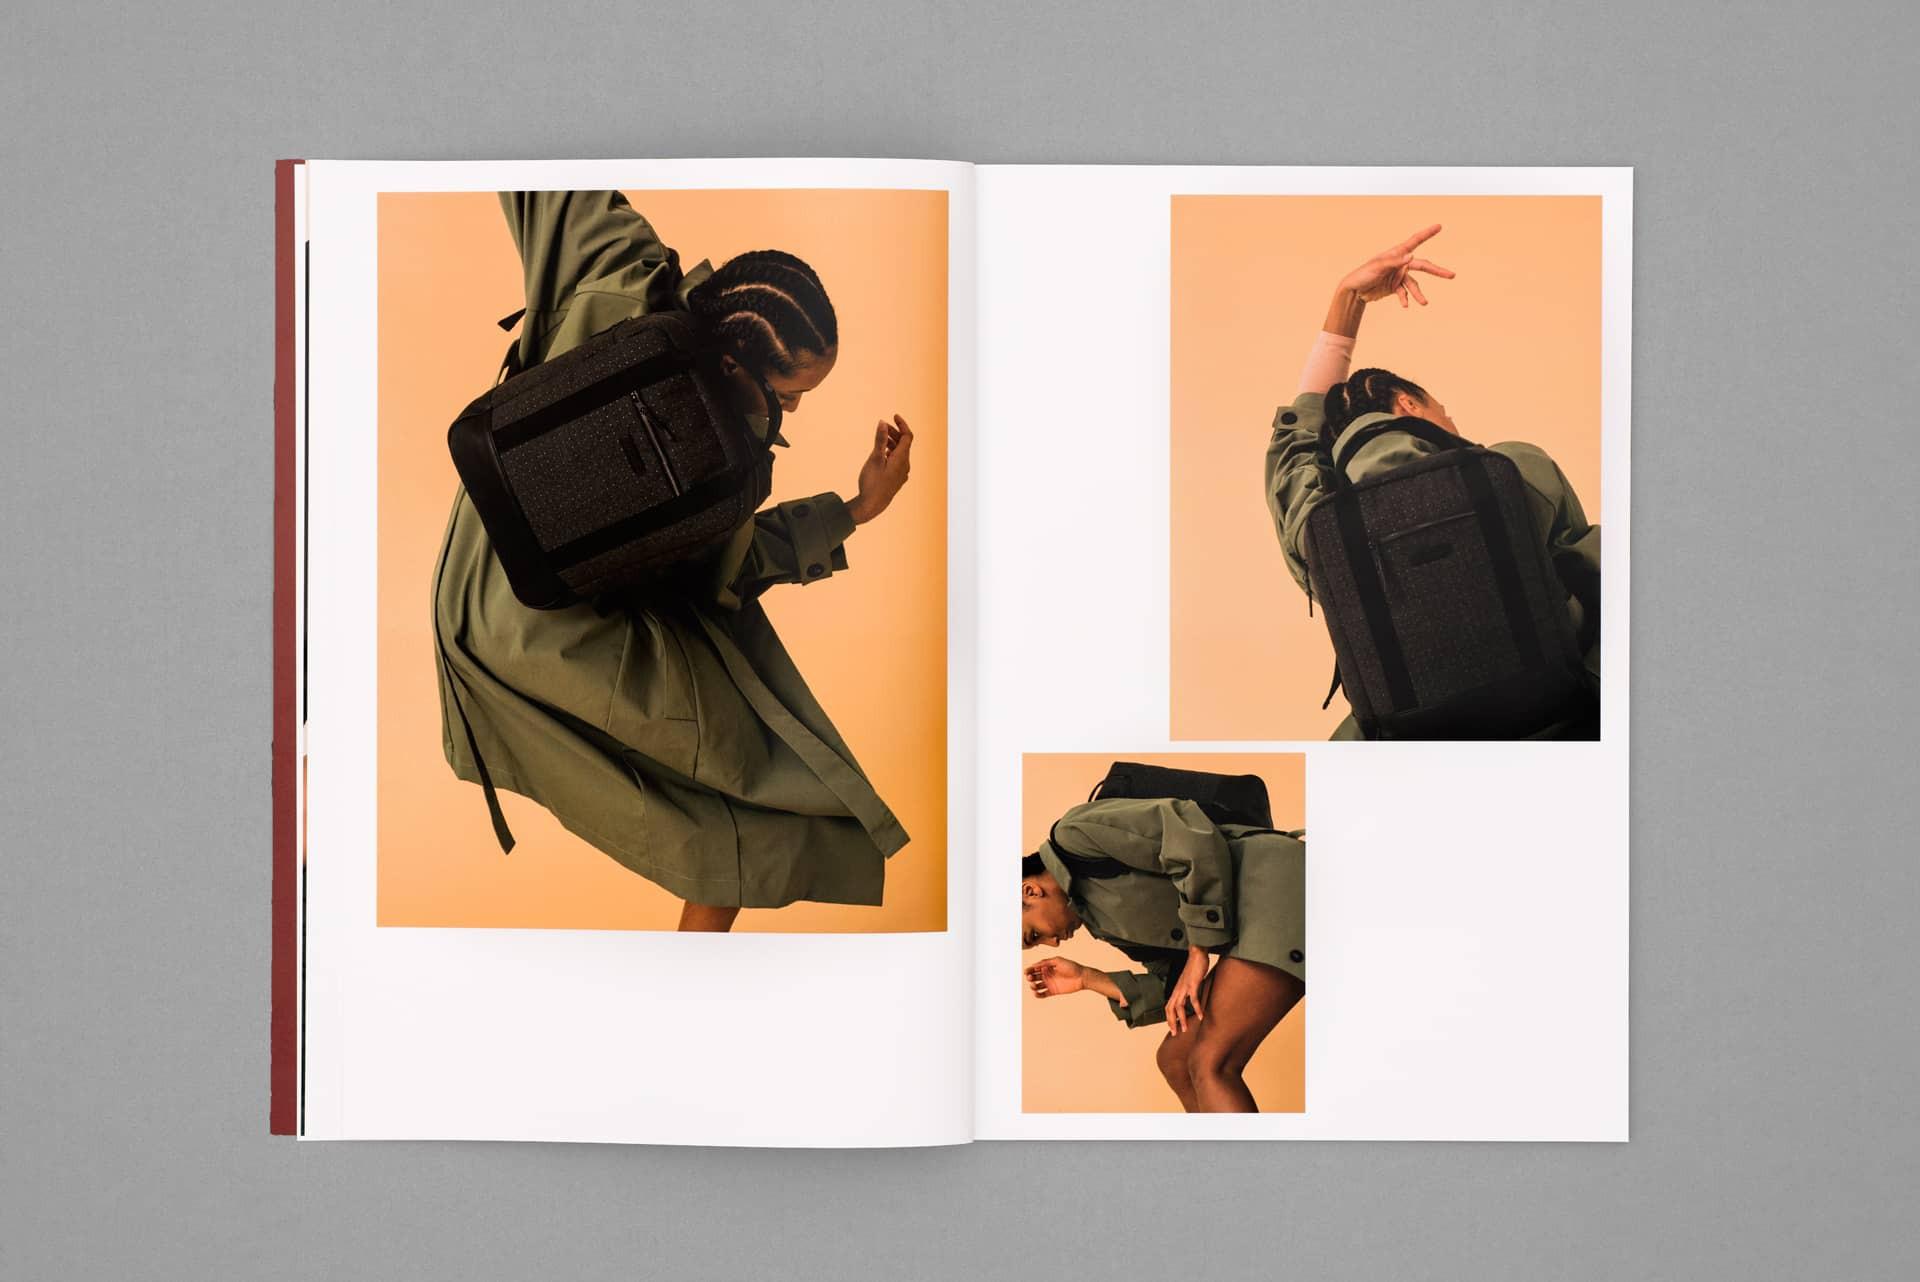 Tobias Faisst Ucon Acrobatics | Lookbook AW 18